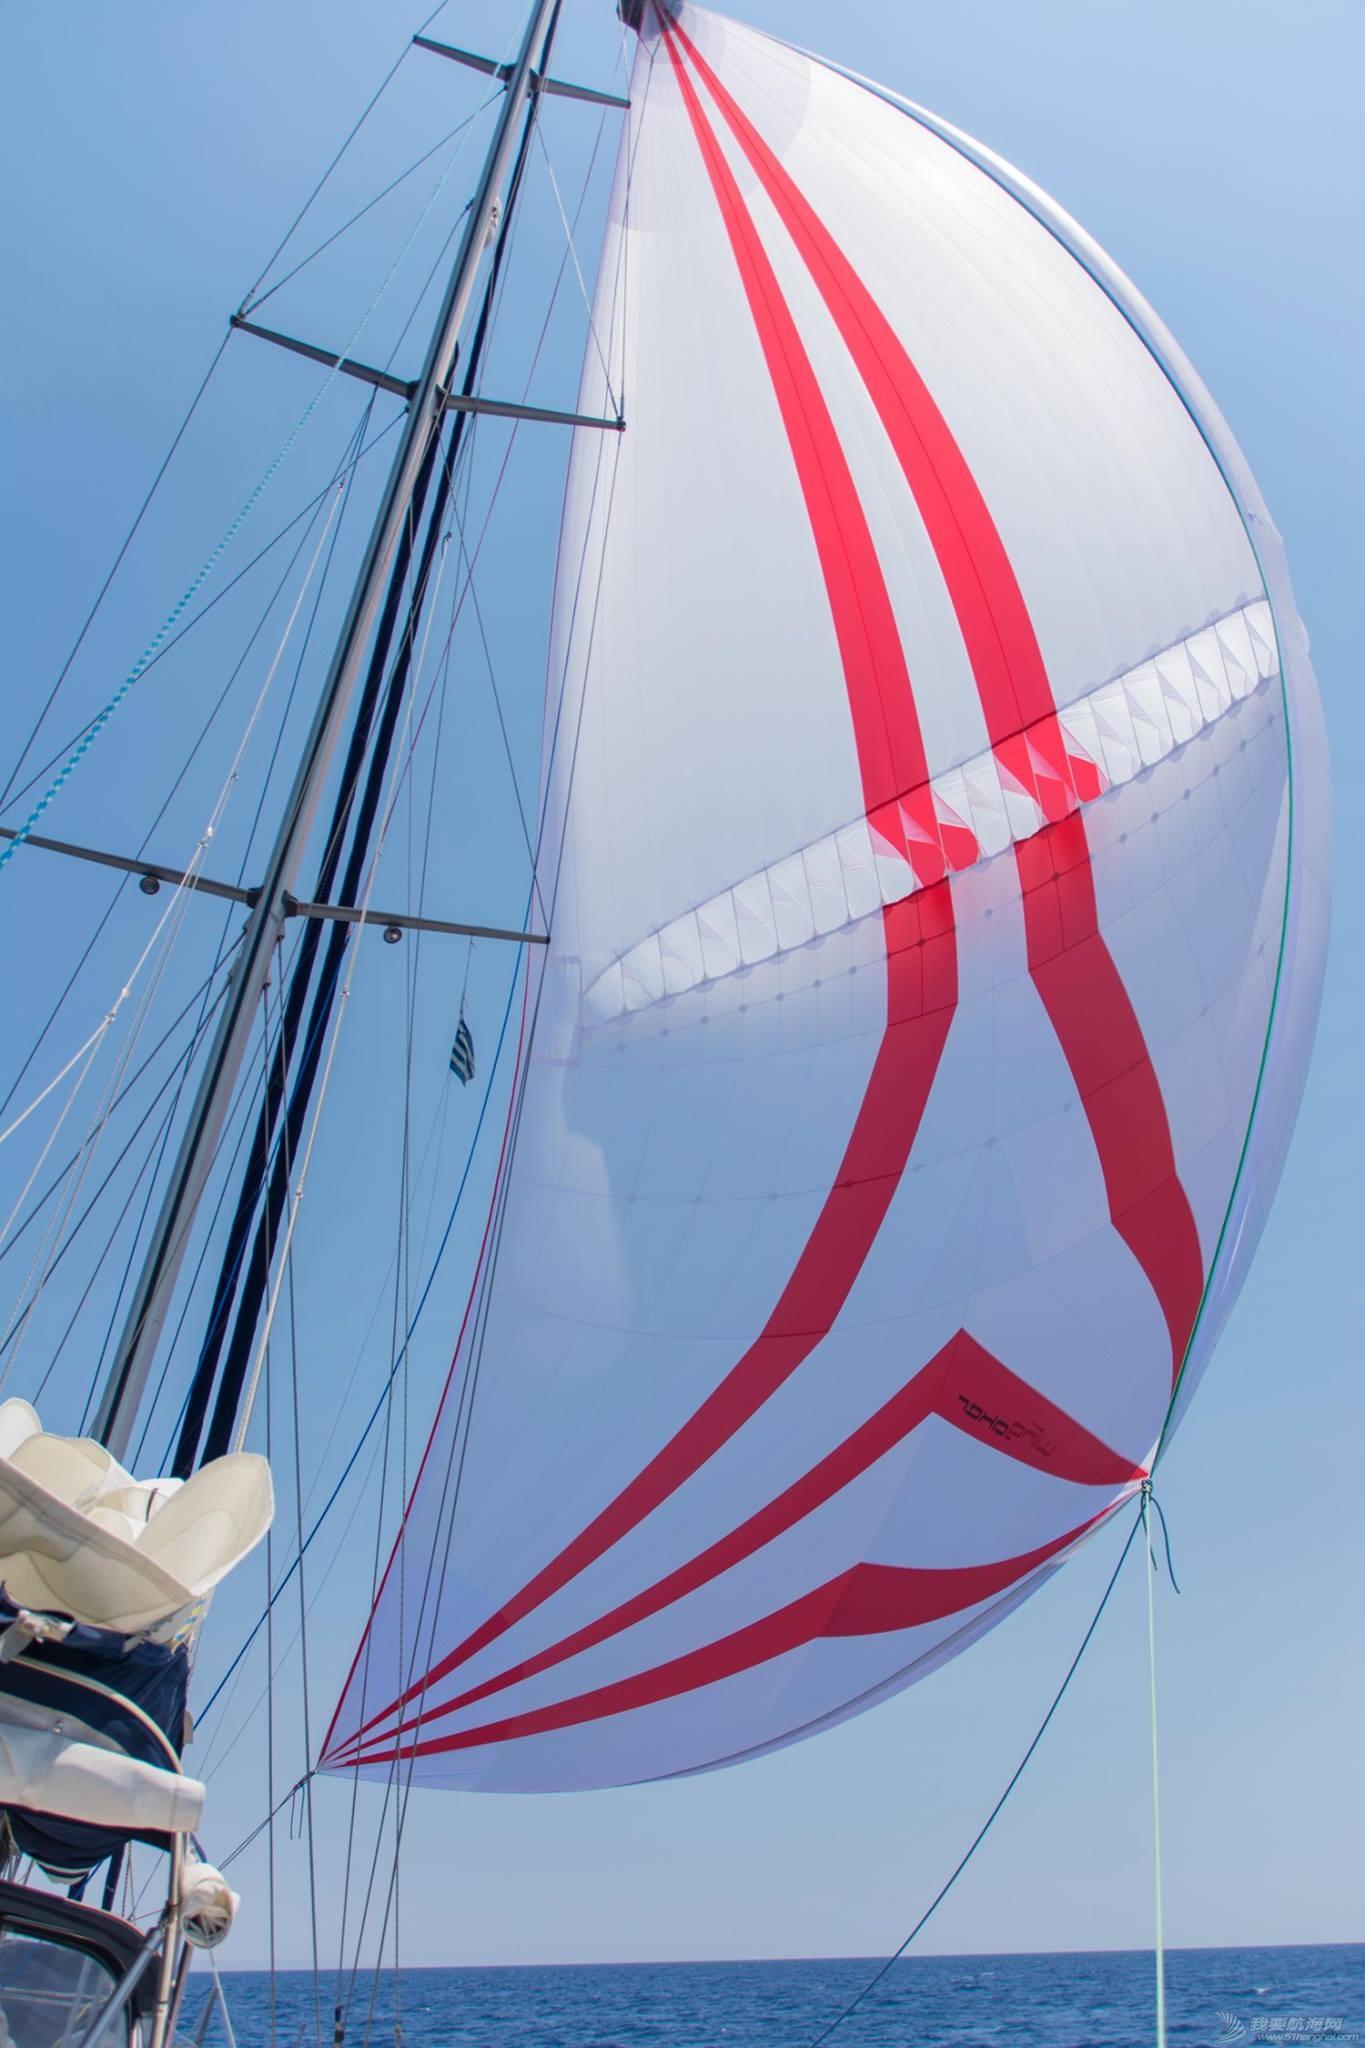 老公,大海,帆船,相机,左右 快乐的海豚伴帆航(有视频) 11698892_1606650446260284_5079651319343386916_o